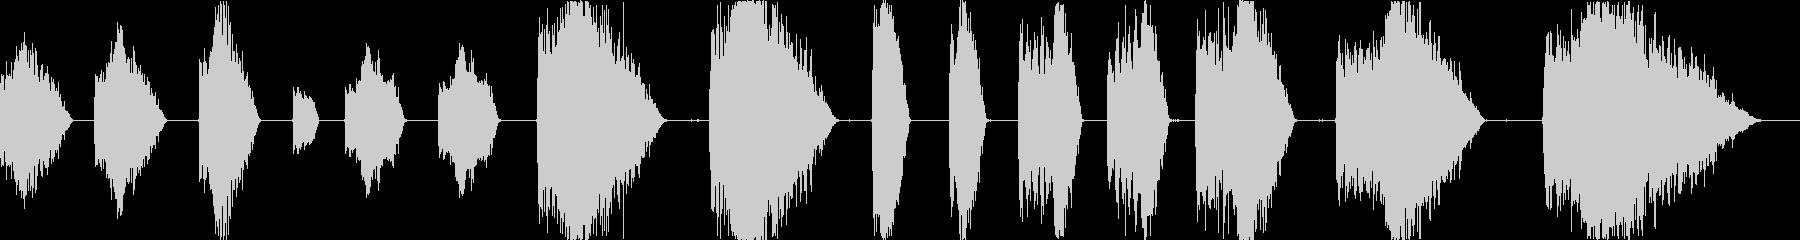 レーザーショット電気アーケードの未再生の波形